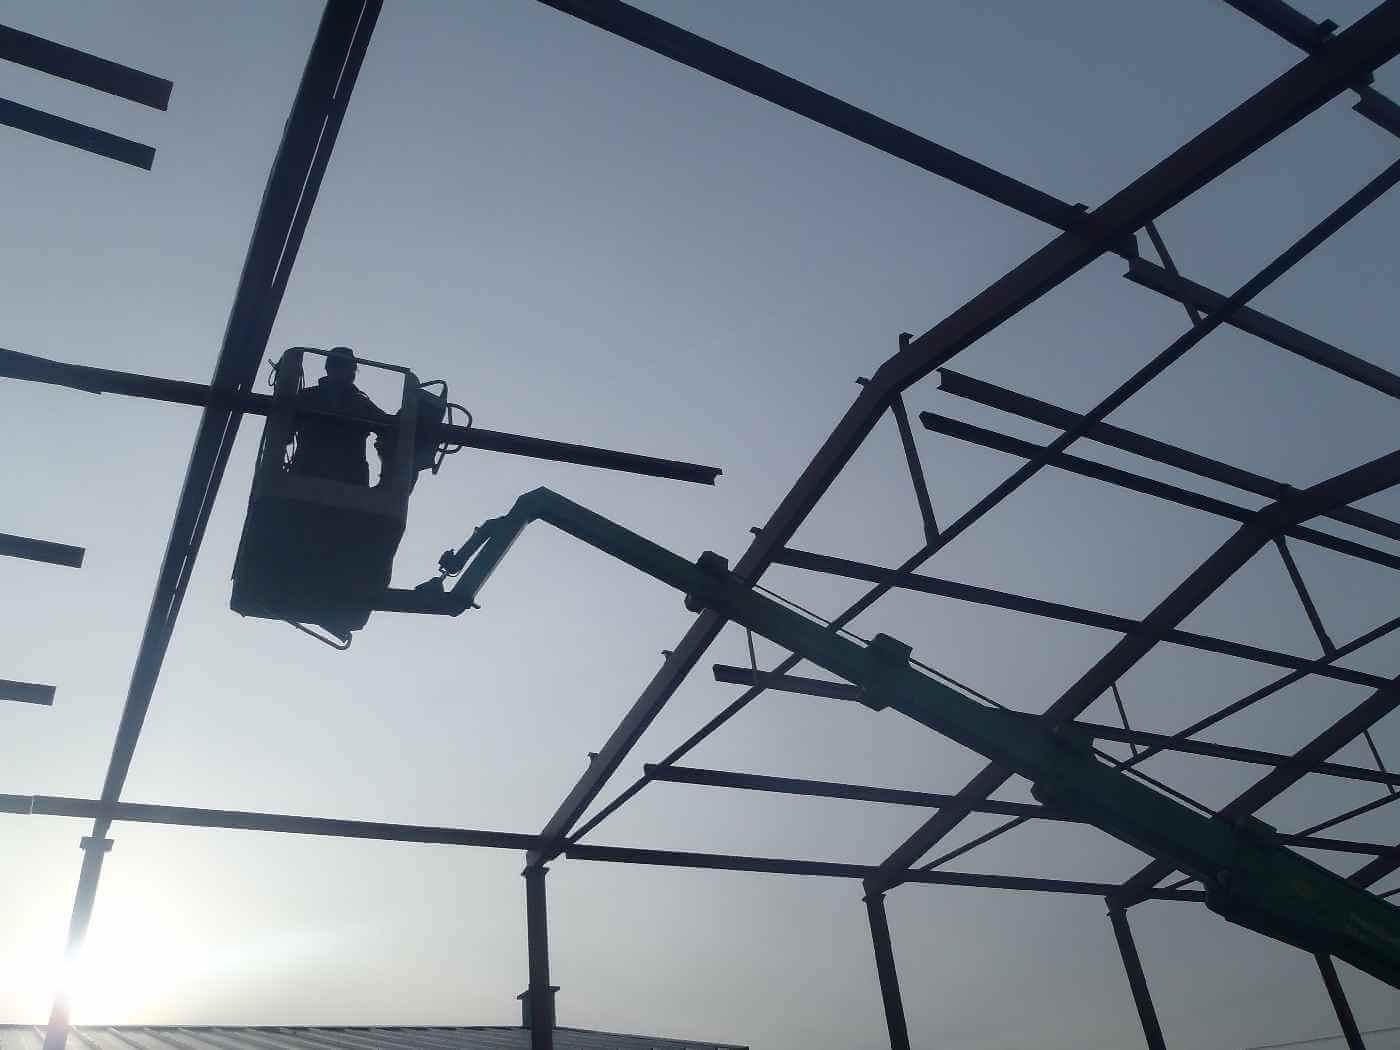 vyroba-montaz-ocelovych-konstrukcii